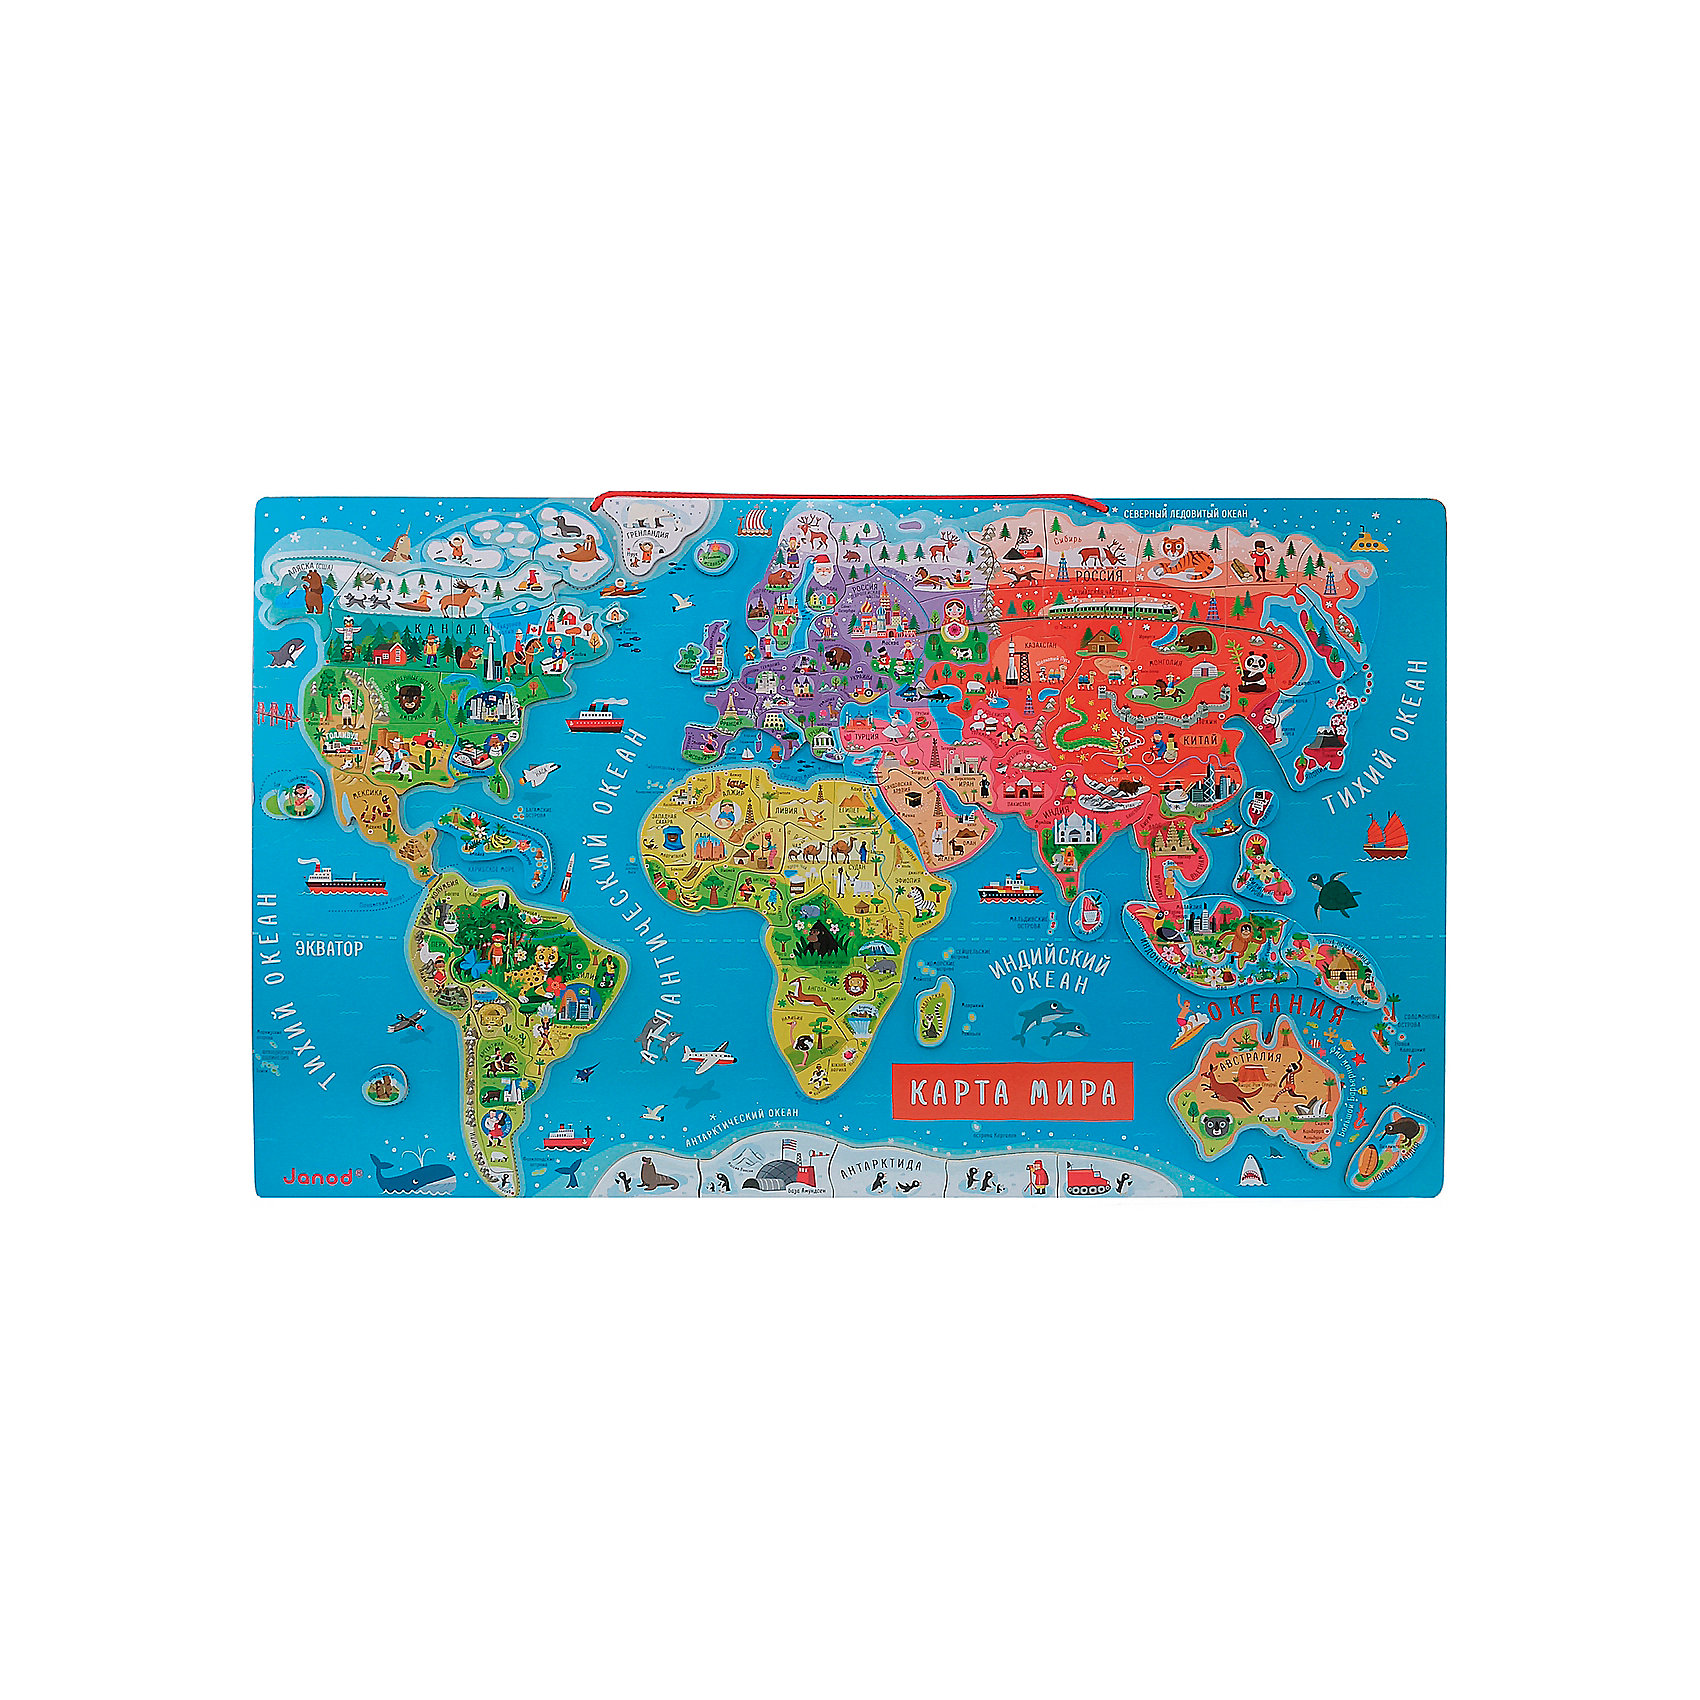 Карта мира с магнитными пазлами, 92 детали, JanodКарта мира с магнитными пазлами, 92 детали, Janod, (Жанод) ? пазл-головоломка от французского бренда Janod, предназначенный для детей в возрасте от 5 лет. Пазлы от Janod (Жанод) отличает высокий художественный стиль, яркие краски, сочетаемость цветов и оттенков. Все элементы выполнены из натурального дерева, окрашены красками на водной основе, имеют гладкую поверхность.<br>Карта мира с магнитными пазлами, 92 детали, Janod (Жанод) состоит из карты-основания, на которую нанесены контуры всех материков. Карту можно положить на ровную поверхность или повесить на стену. В комплекте прилагаются 92 элемента на магнитах, на которых изображены моря, реки, острова, животный и растительных мир. Также имеются названия стран и городов на русском языке. Изучение географии с Картой мира с магнитными пазлами от Жанот станет увлекательным и любимым занятием не только дошкольника, но и ученика начальной школы. Карта может стать ярким элементом в оформлении домашнего уголка школьника.<br>Карта мира с магнитными пазлами, 92 детали, Janod (Жанод) расширяет кругозор ребенка, развивает зрительную память и тактильные ощущения. Набор упакован в картонную коробку с ручкой.<br><br>Дополнительная информация:<br><br>- Вид игр: игры-головоломки<br>- Предназначение: для дома, для детских садов, для детских развивающих центров, для начальной школы<br>- Материал: дерево<br>- Комплектация: 92 элемента, рамка-основание<br>- Размер (Д*Ш*В): 77*1*46 см<br>- Вес: 3 кг <br>- Пол: для девочек/для мальчиков<br>- Особенности ухода: можно протирать сухой губкой<br><br>Подробнее:<br><br>• Для детей в возрасте: от 5 лет <br>• Страна производитель: Китай<br>• Торговый бренд: Janod<br><br>Карту мира с магнитными пазлами, 92 детали, Janod (Жанод) можно купить в нашем интернет-магазине.<br><br>Ширина мм: 77<br>Глубина мм: 1<br>Высота мм: 46<br>Вес г: 3000<br>Возраст от месяцев: 84<br>Возраст до месяцев: 2147483647<br>Пол: Унисекс<br>Возраст: Детский<br>SKU: 4871792